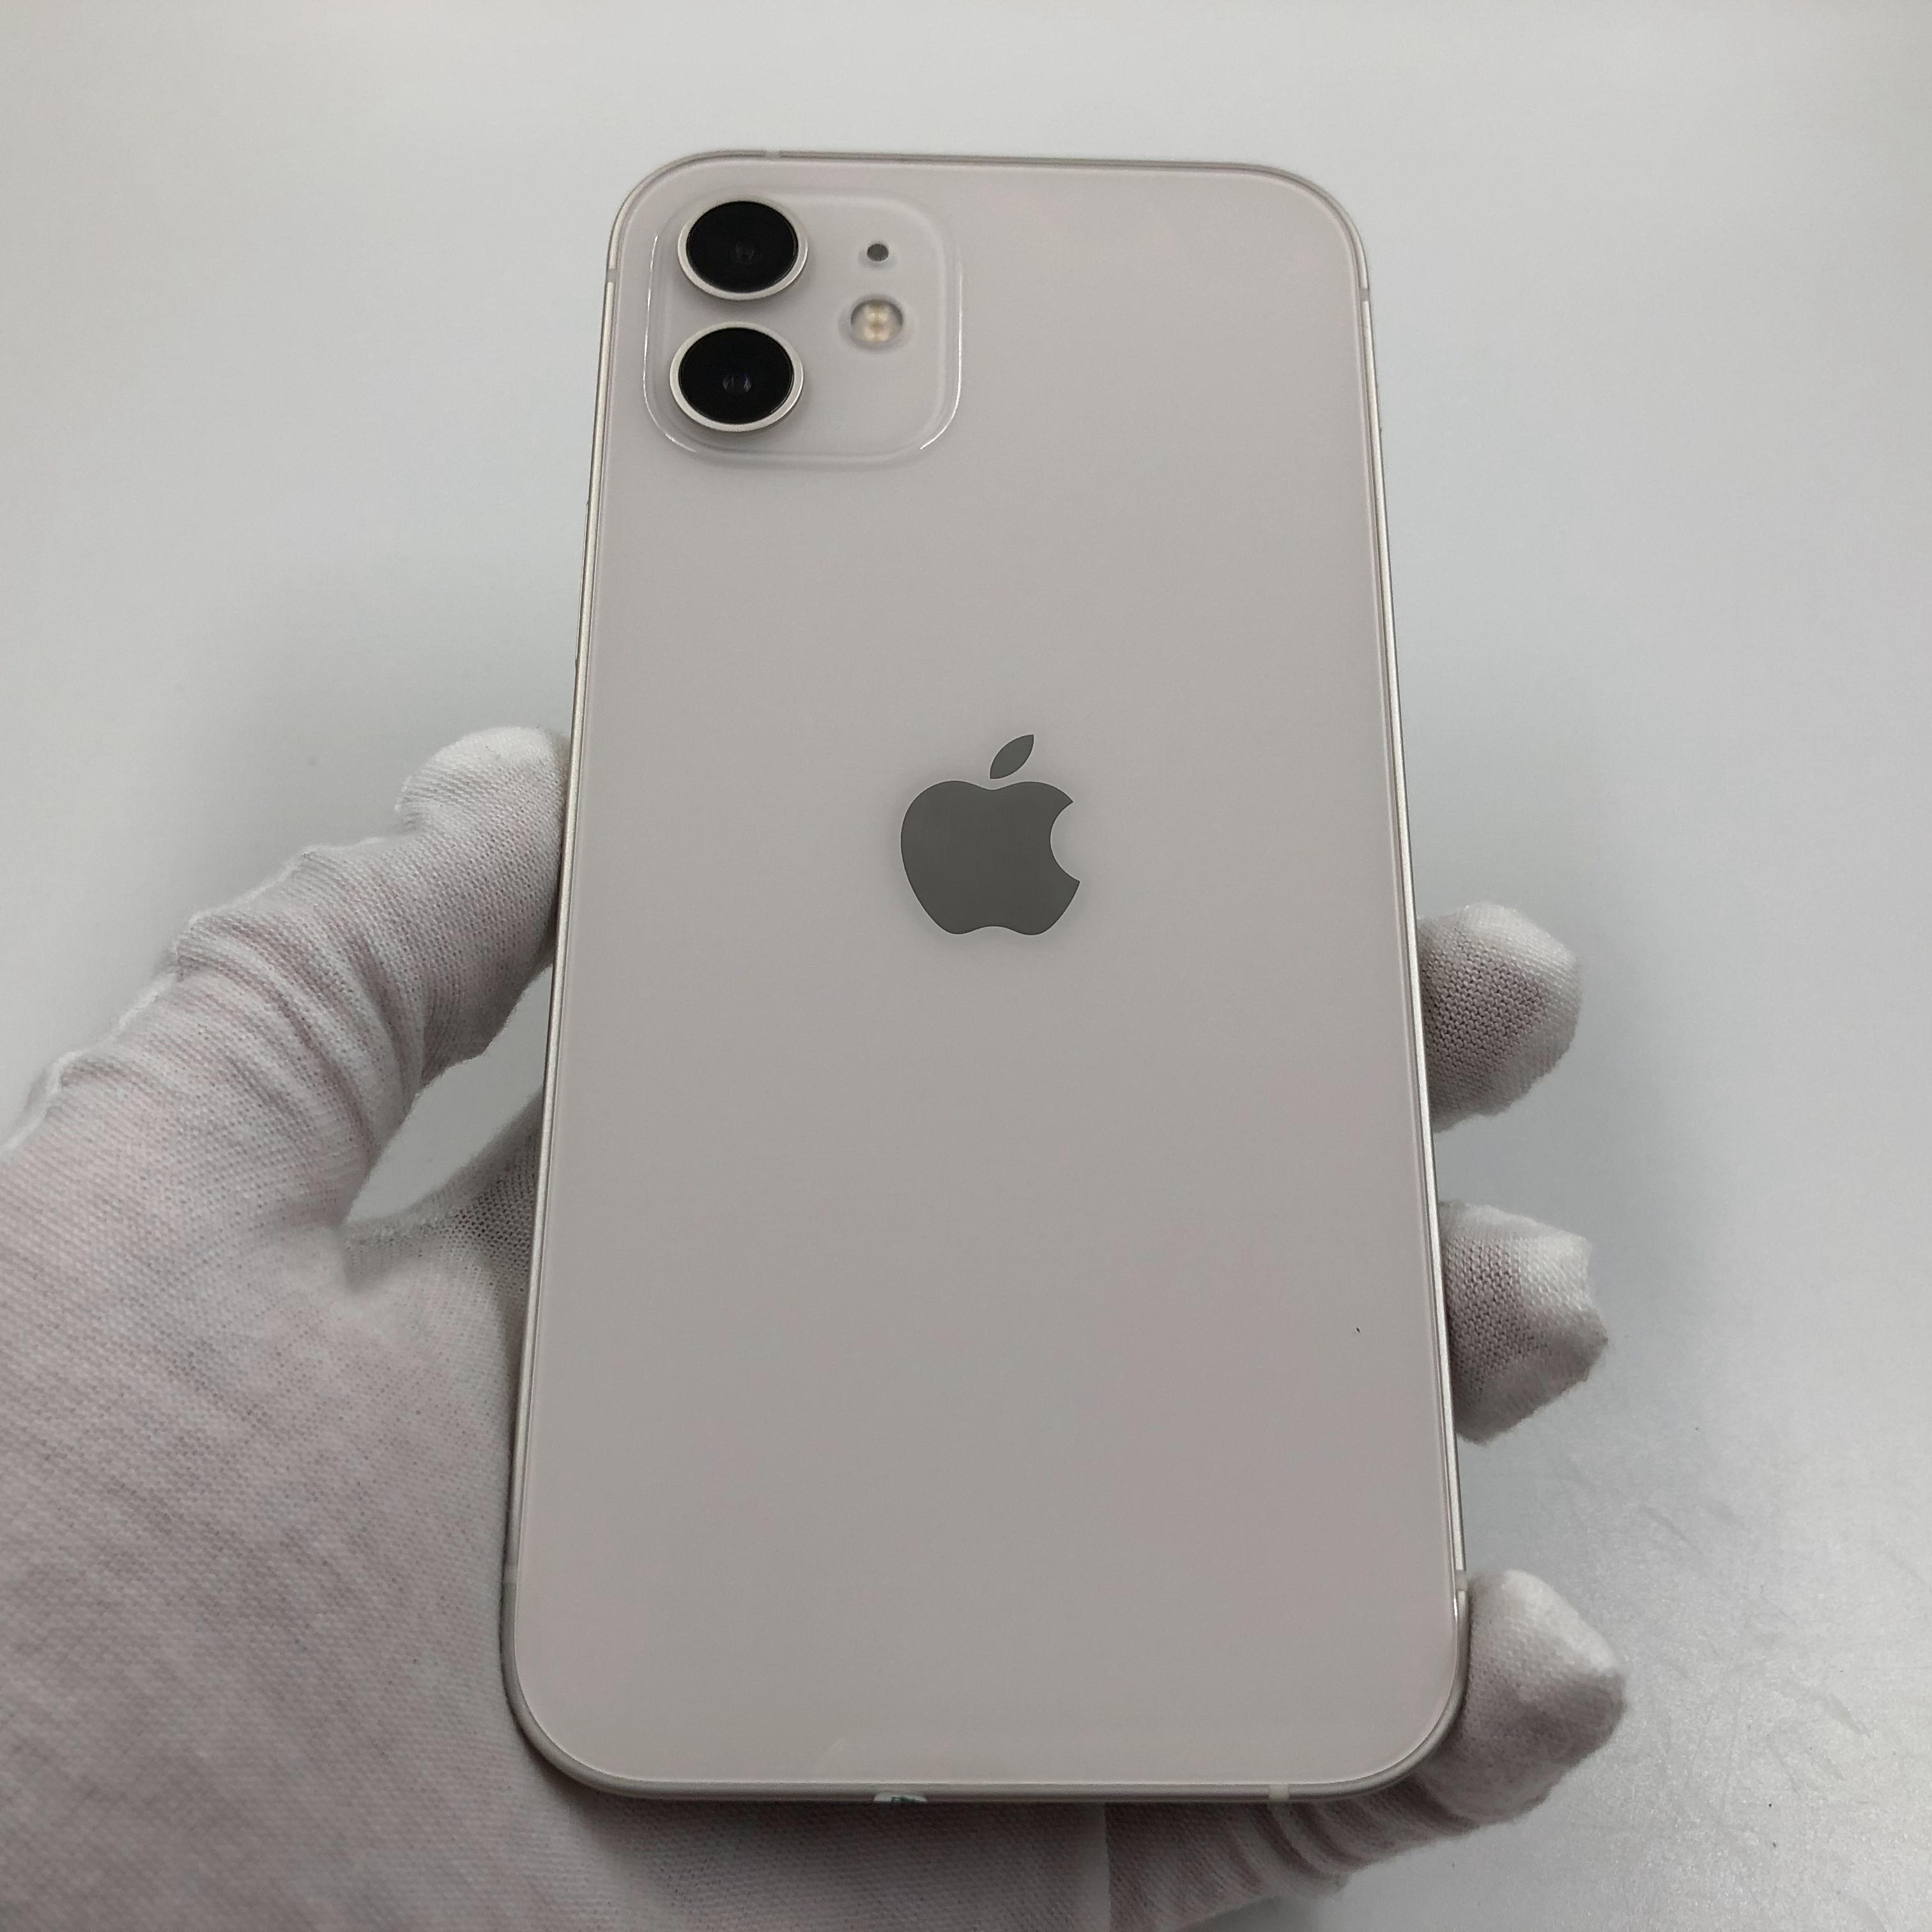 苹果【iPhone 12】5G全网通 白色 128G 国行 99新 真机实拍官保2022-05-25